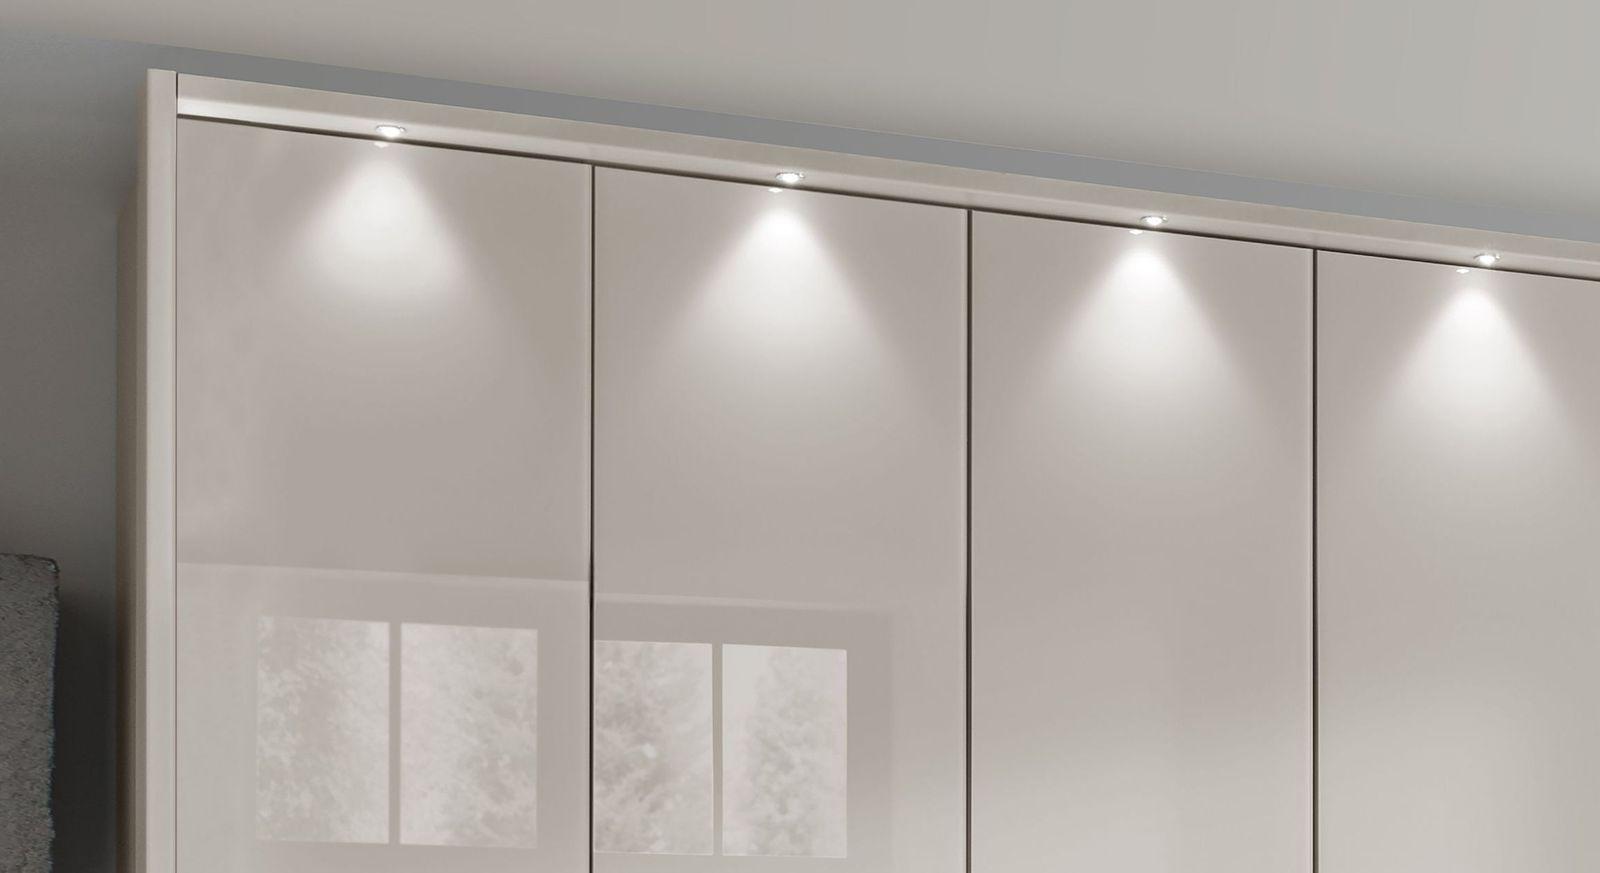 Falttüren-Kleiderschrank Northville mit angenehmem Licht fürs Schlafzimmer